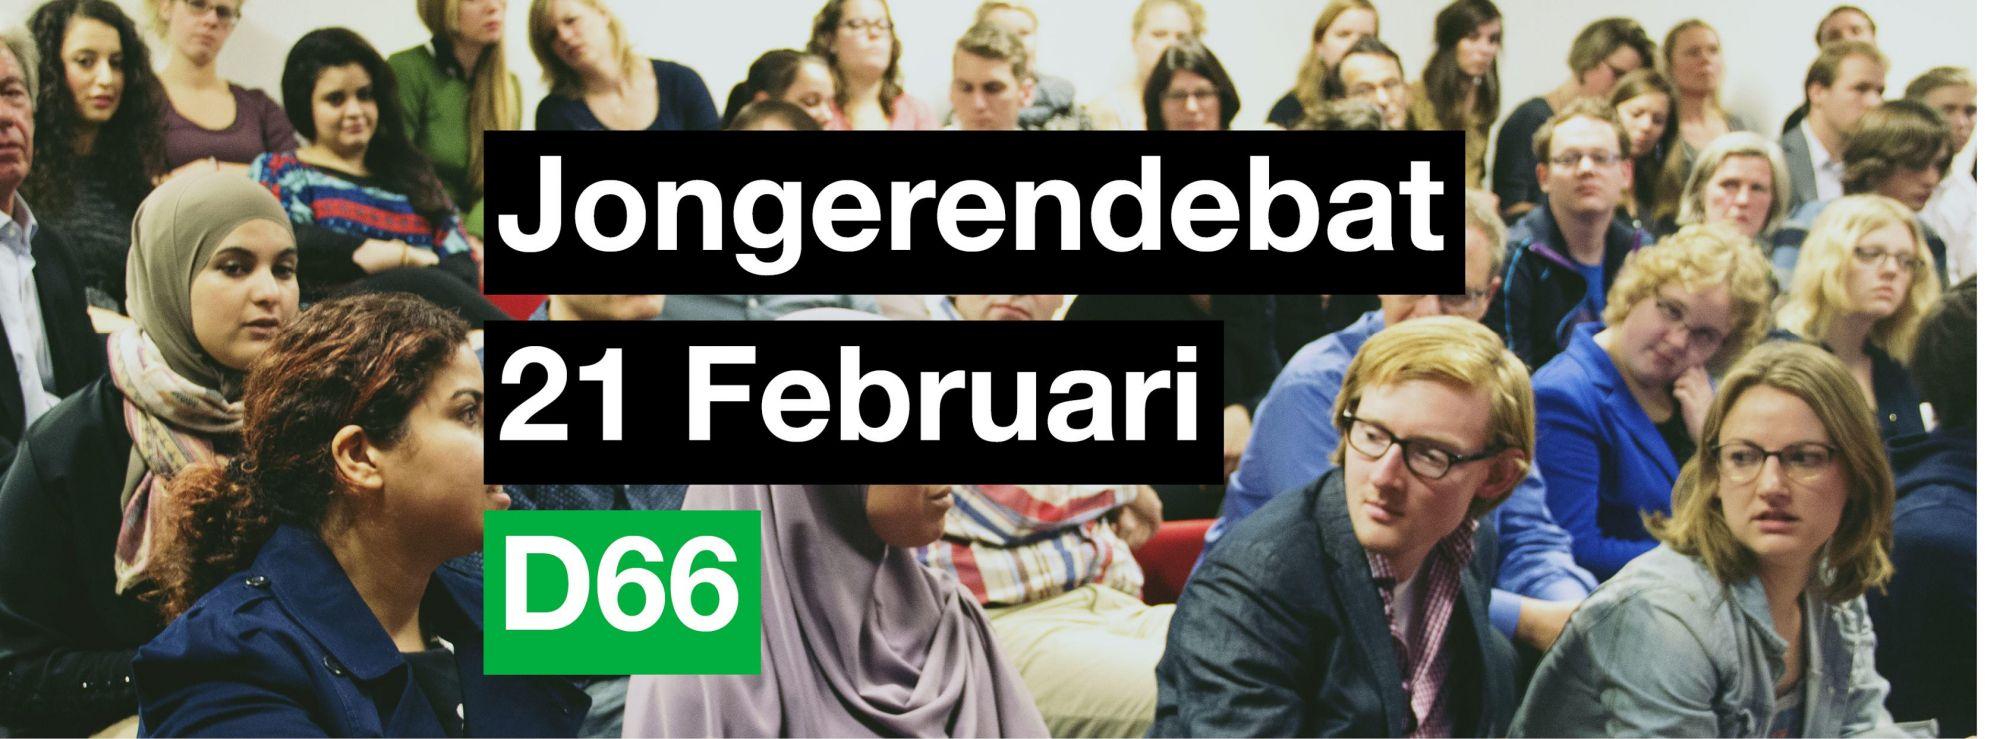 D66 organiseert jongerendebat in De Waker